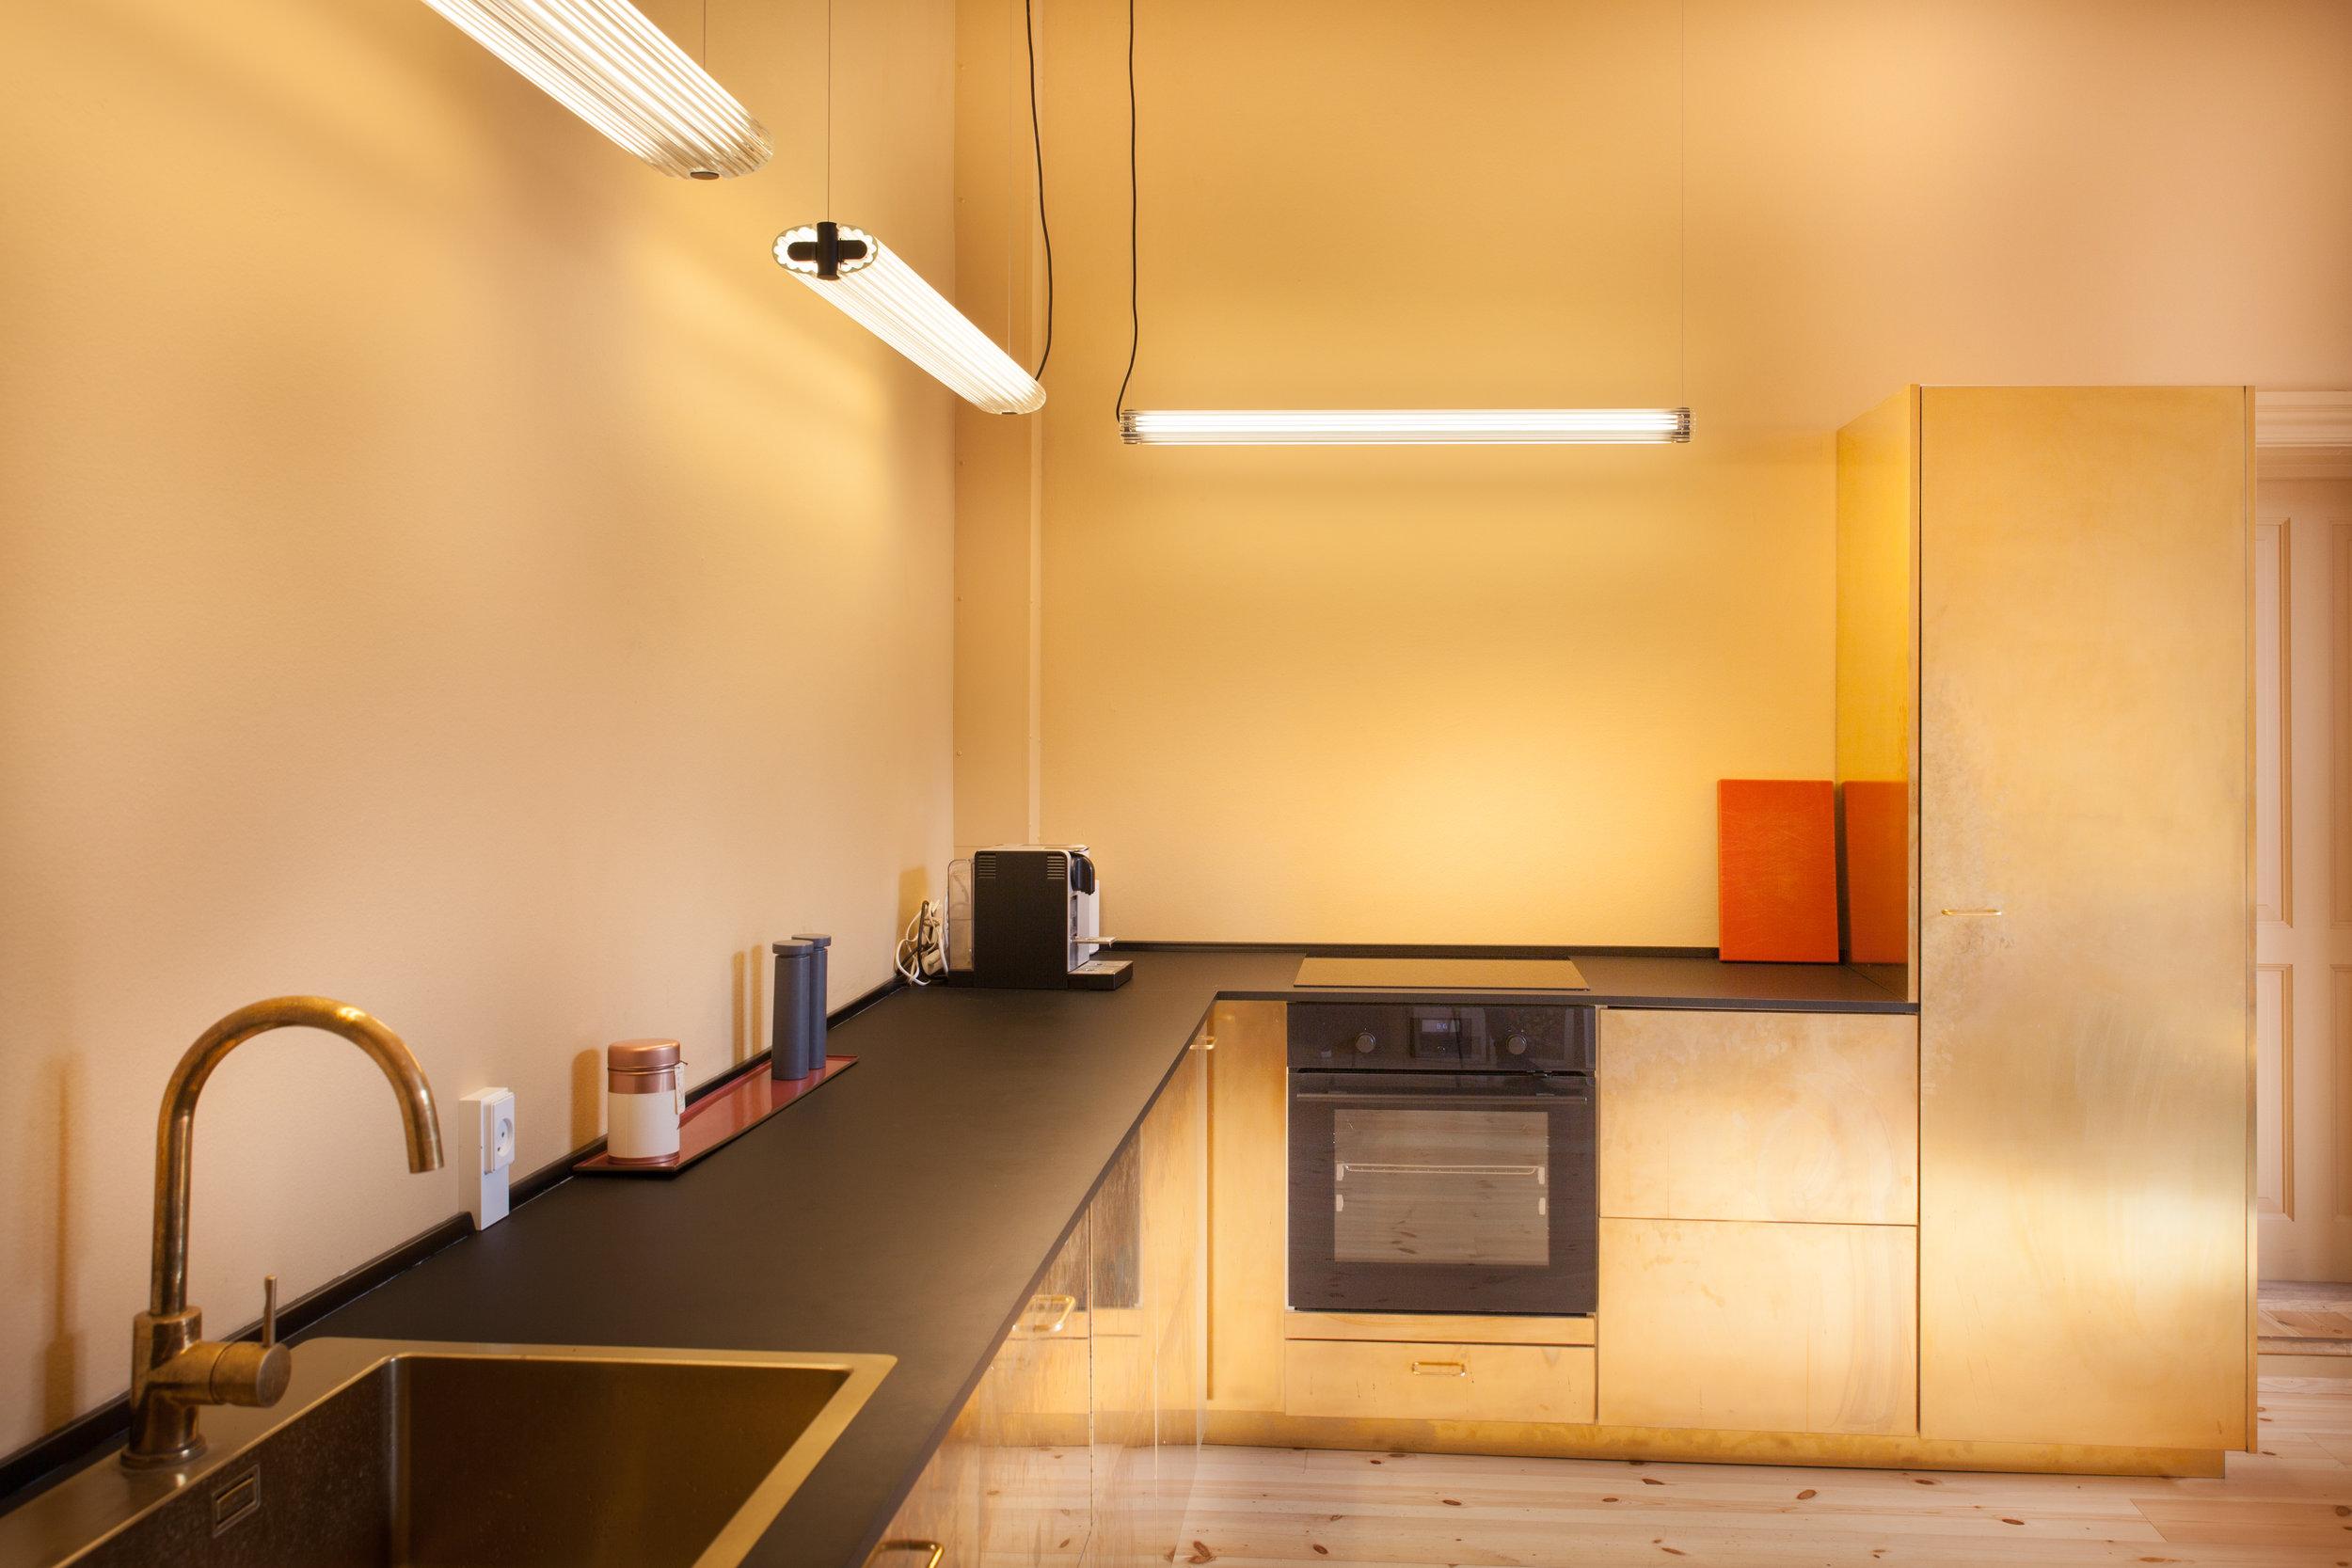 ROAM_Stine_Goya_Kitchen-4880.jpg